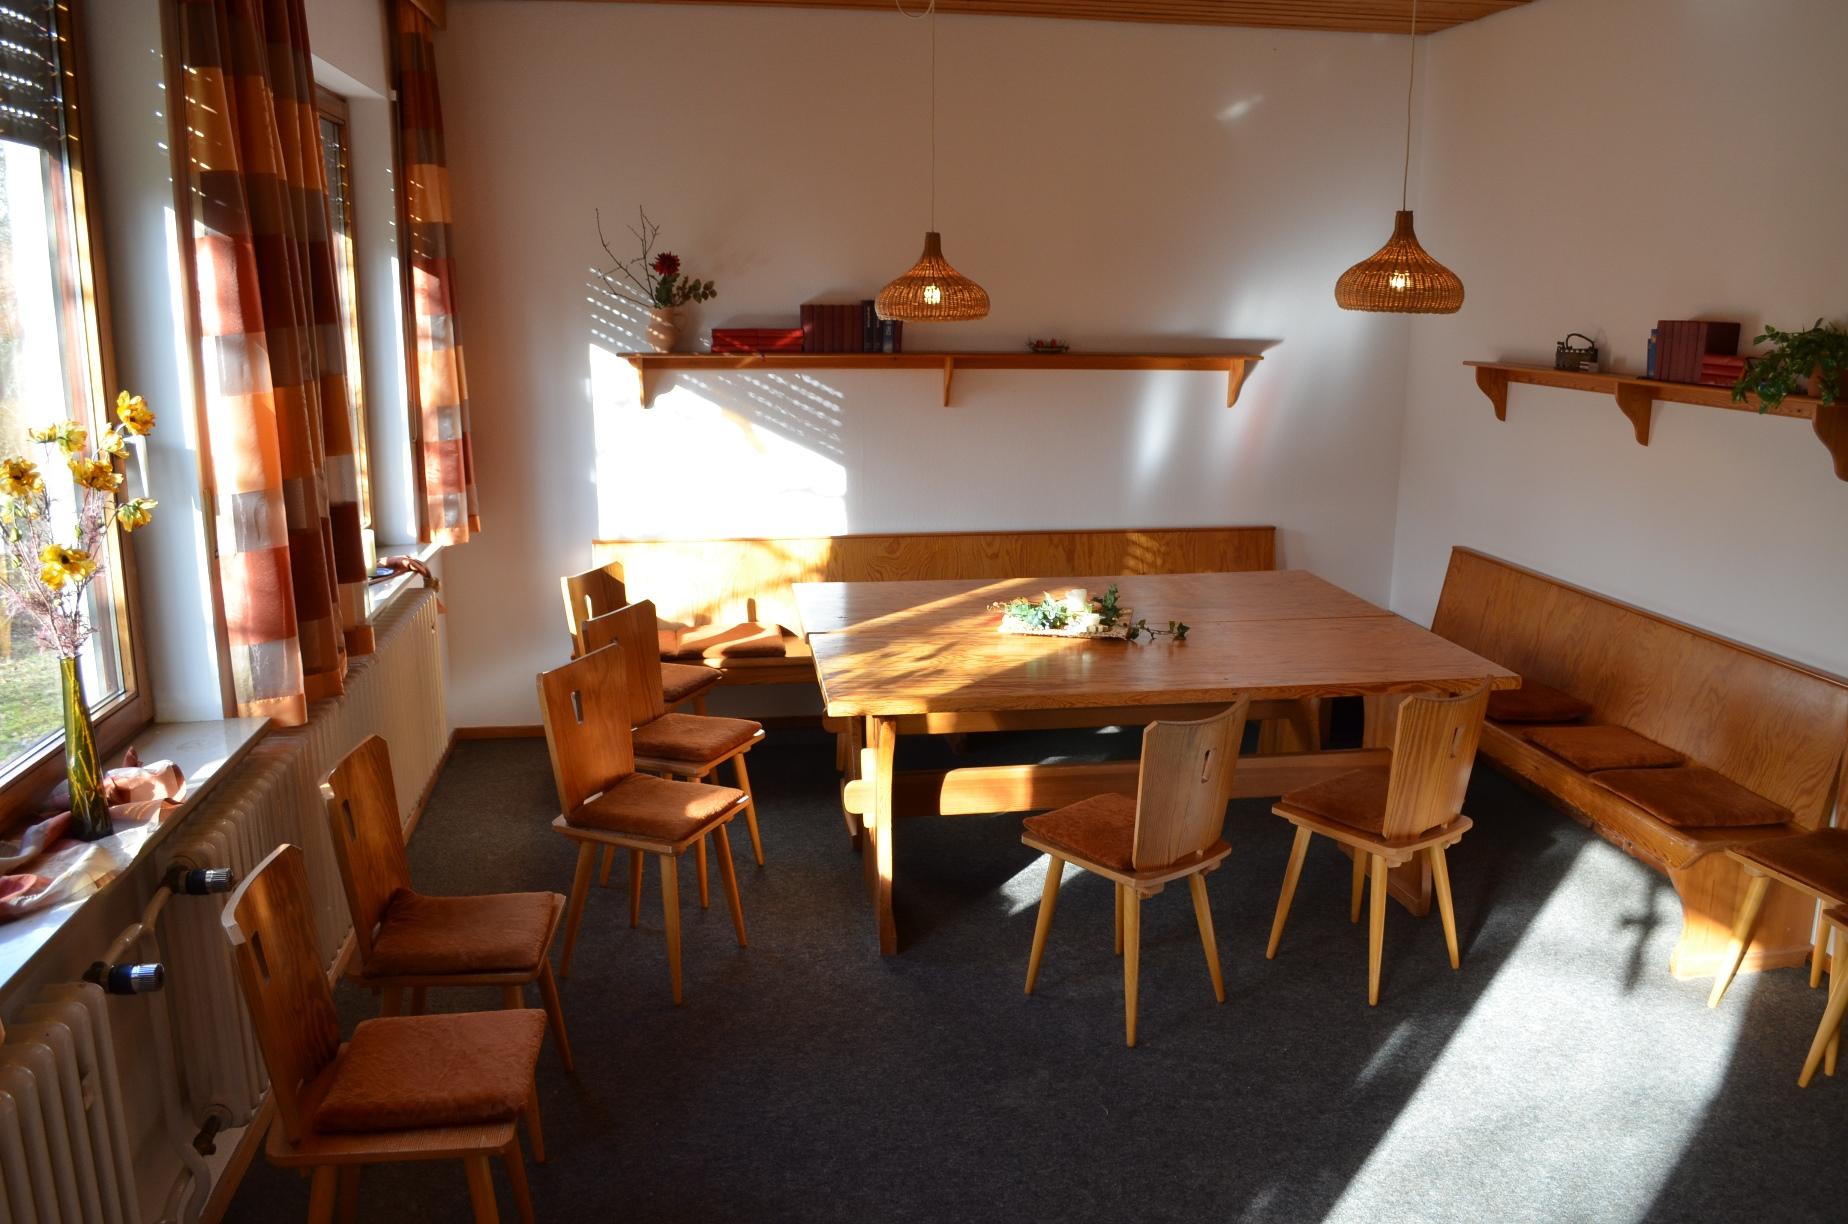 kleiner Gruppenraum im Gästehaus zum Basteln und Zusammensein